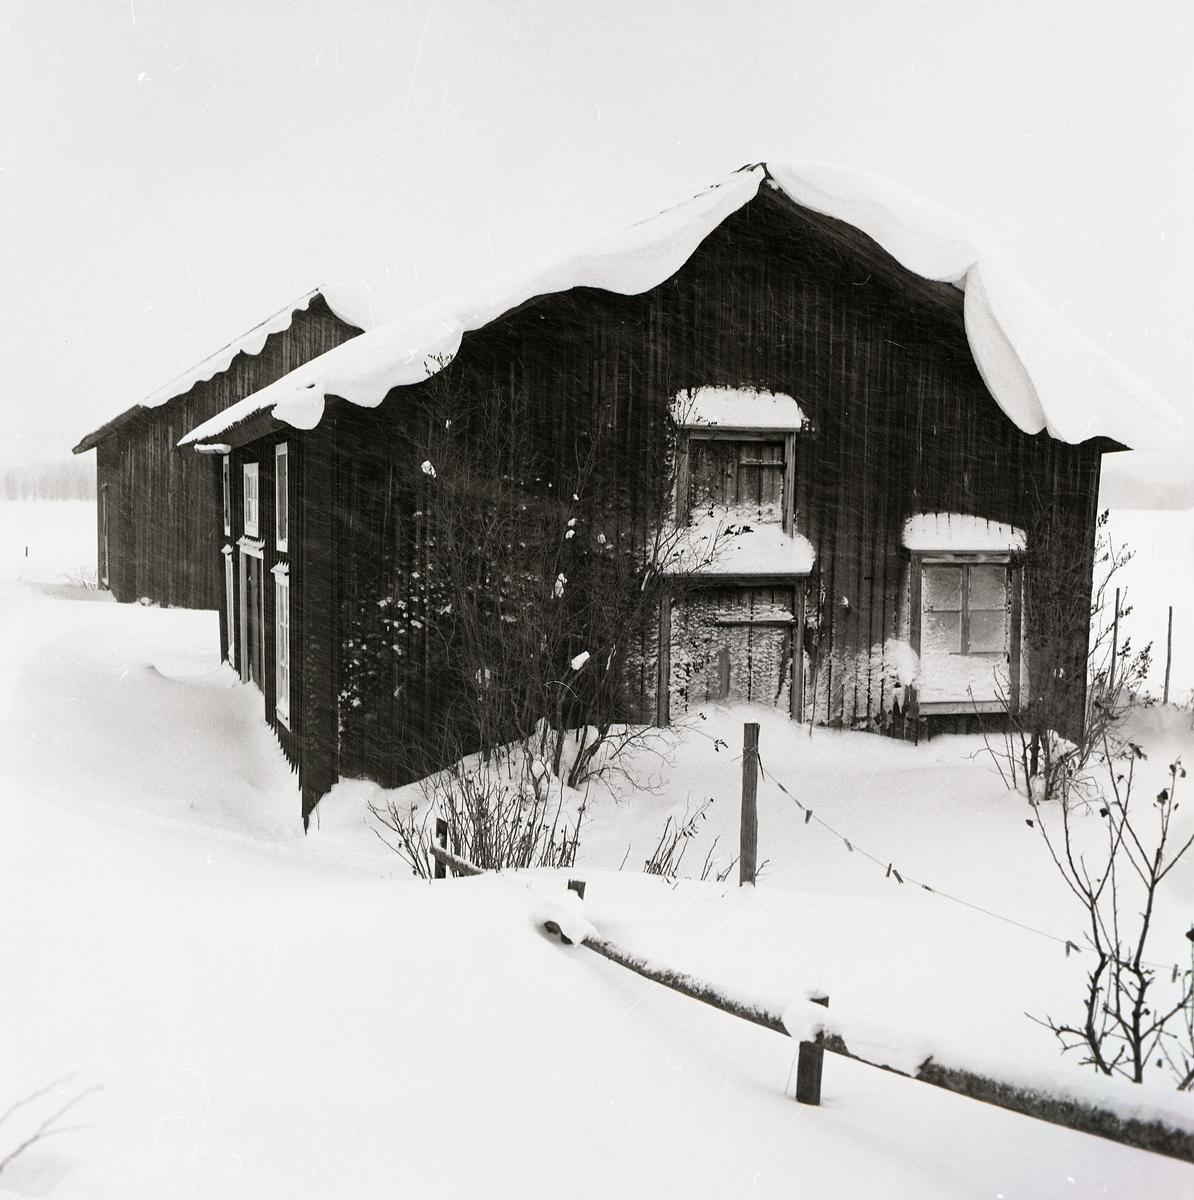 Som ett art nouveau mönster ligger snön i kurviga naturformer på husets tak. Snön yr i luften runt huset och täcker fönstrena. Både buskaget och staketet står i djup snö framför byggnaden. Ett tjockt lager pudersnö täcker hela gården utan avtryck eller spår från någon levande varelse.